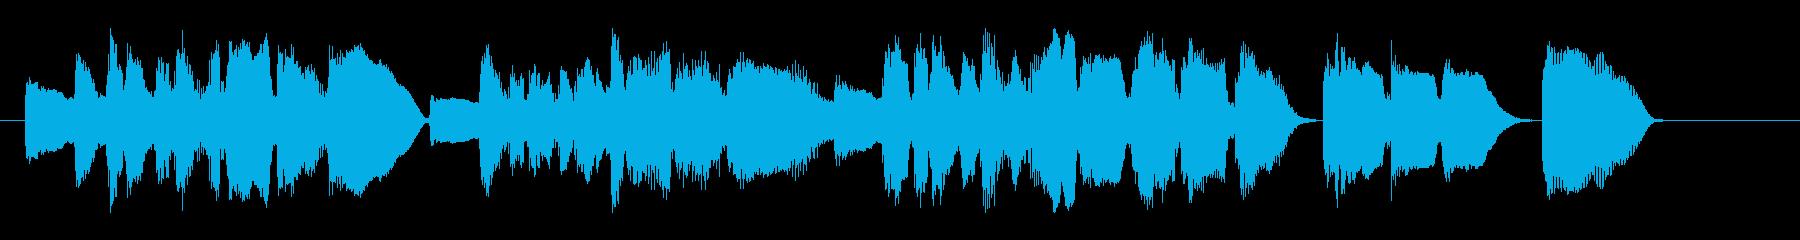 生録トロンボーン ピアノ 短いジングル の再生済みの波形